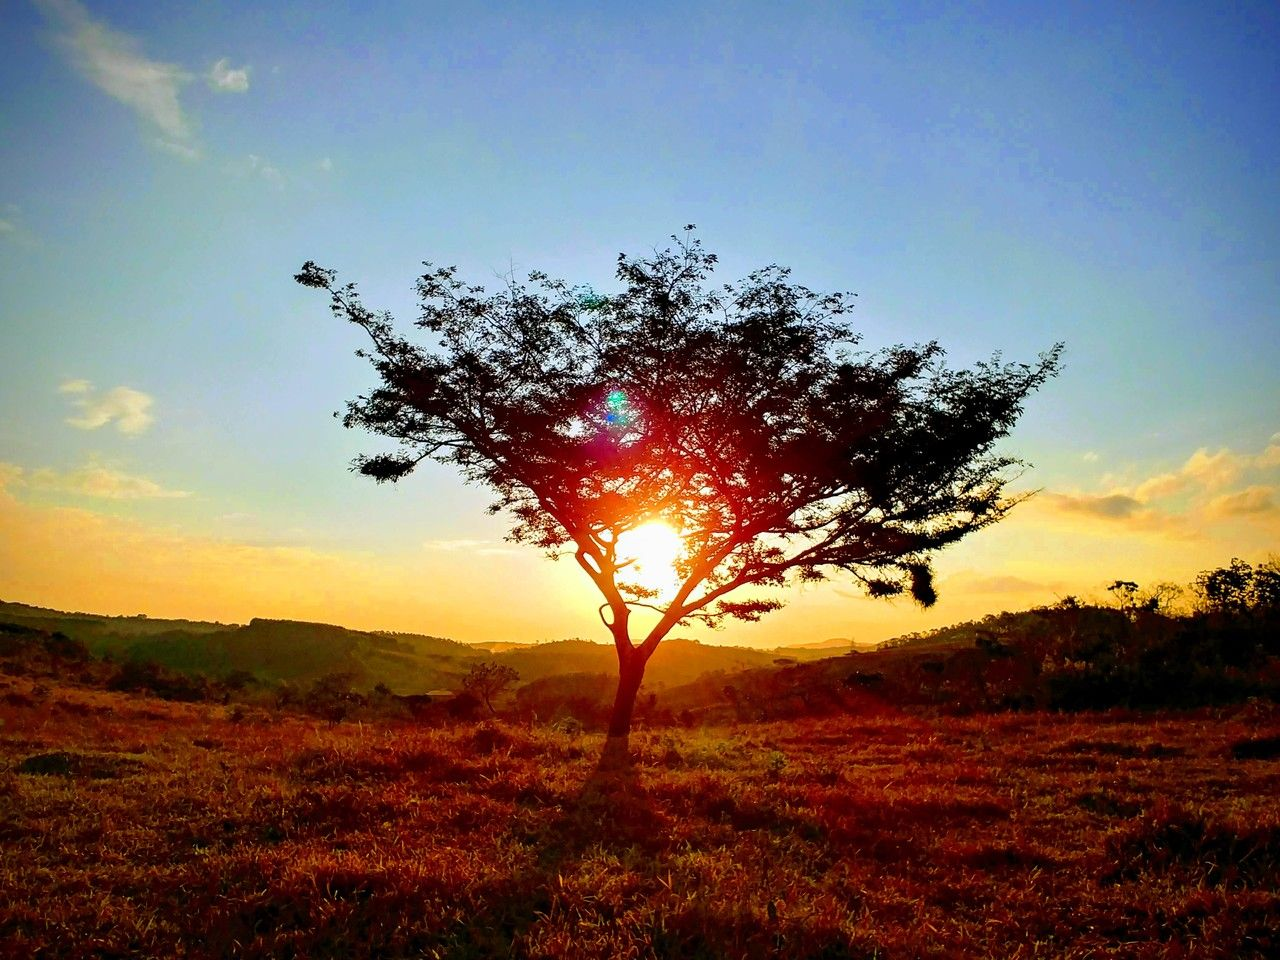 Onderzoekers willen de zon 'afkoelen'